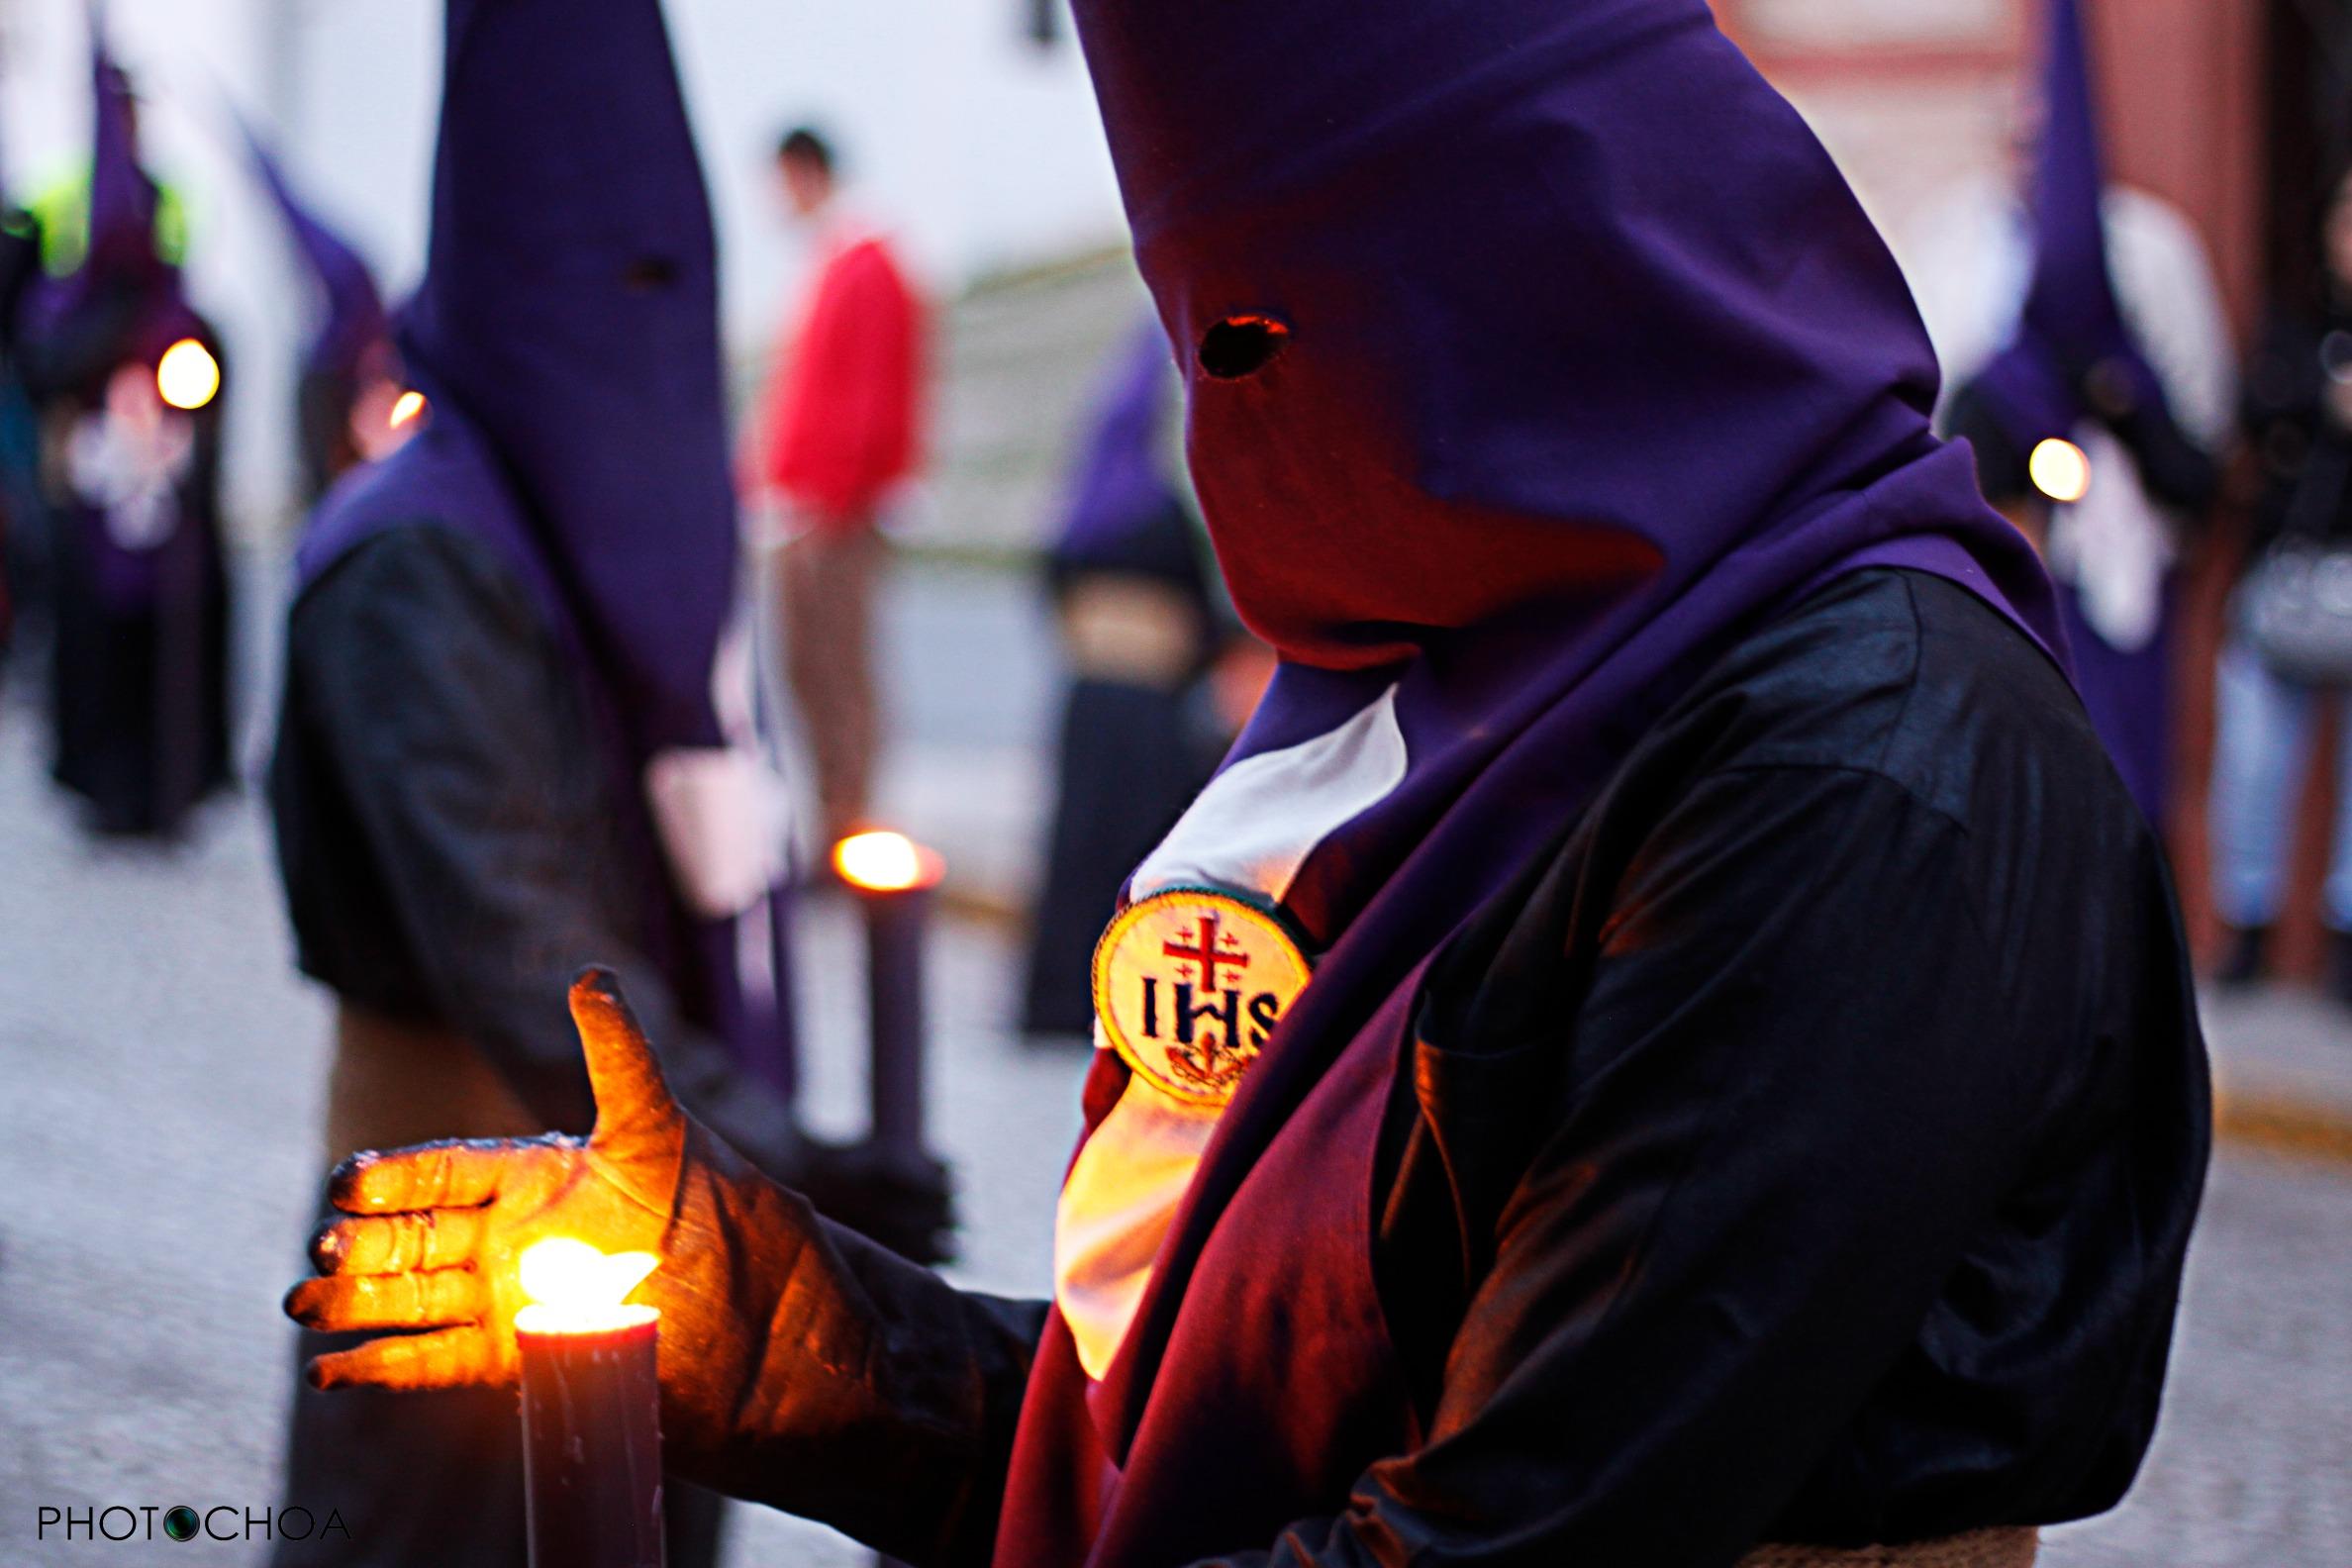 Nazarena mantiene su vela encendida